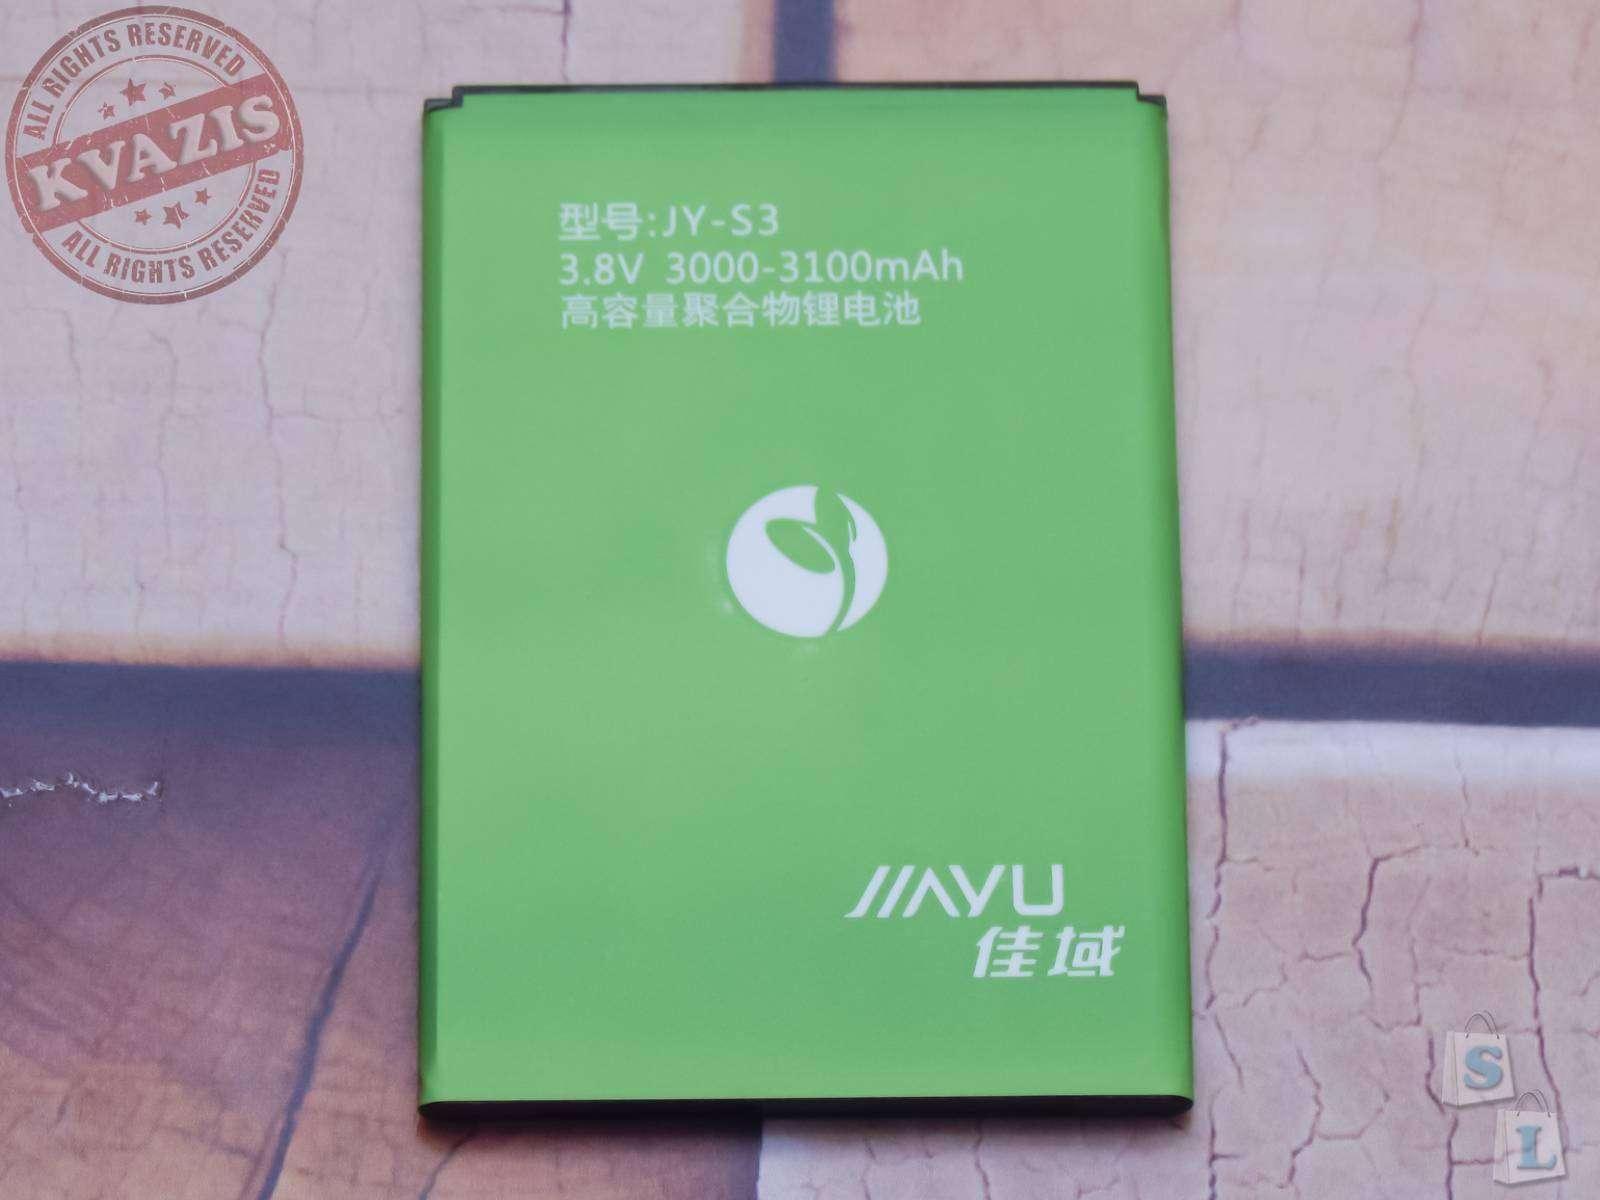 Aliexpress: Оригинальный аккумулятор для Jiayu S3